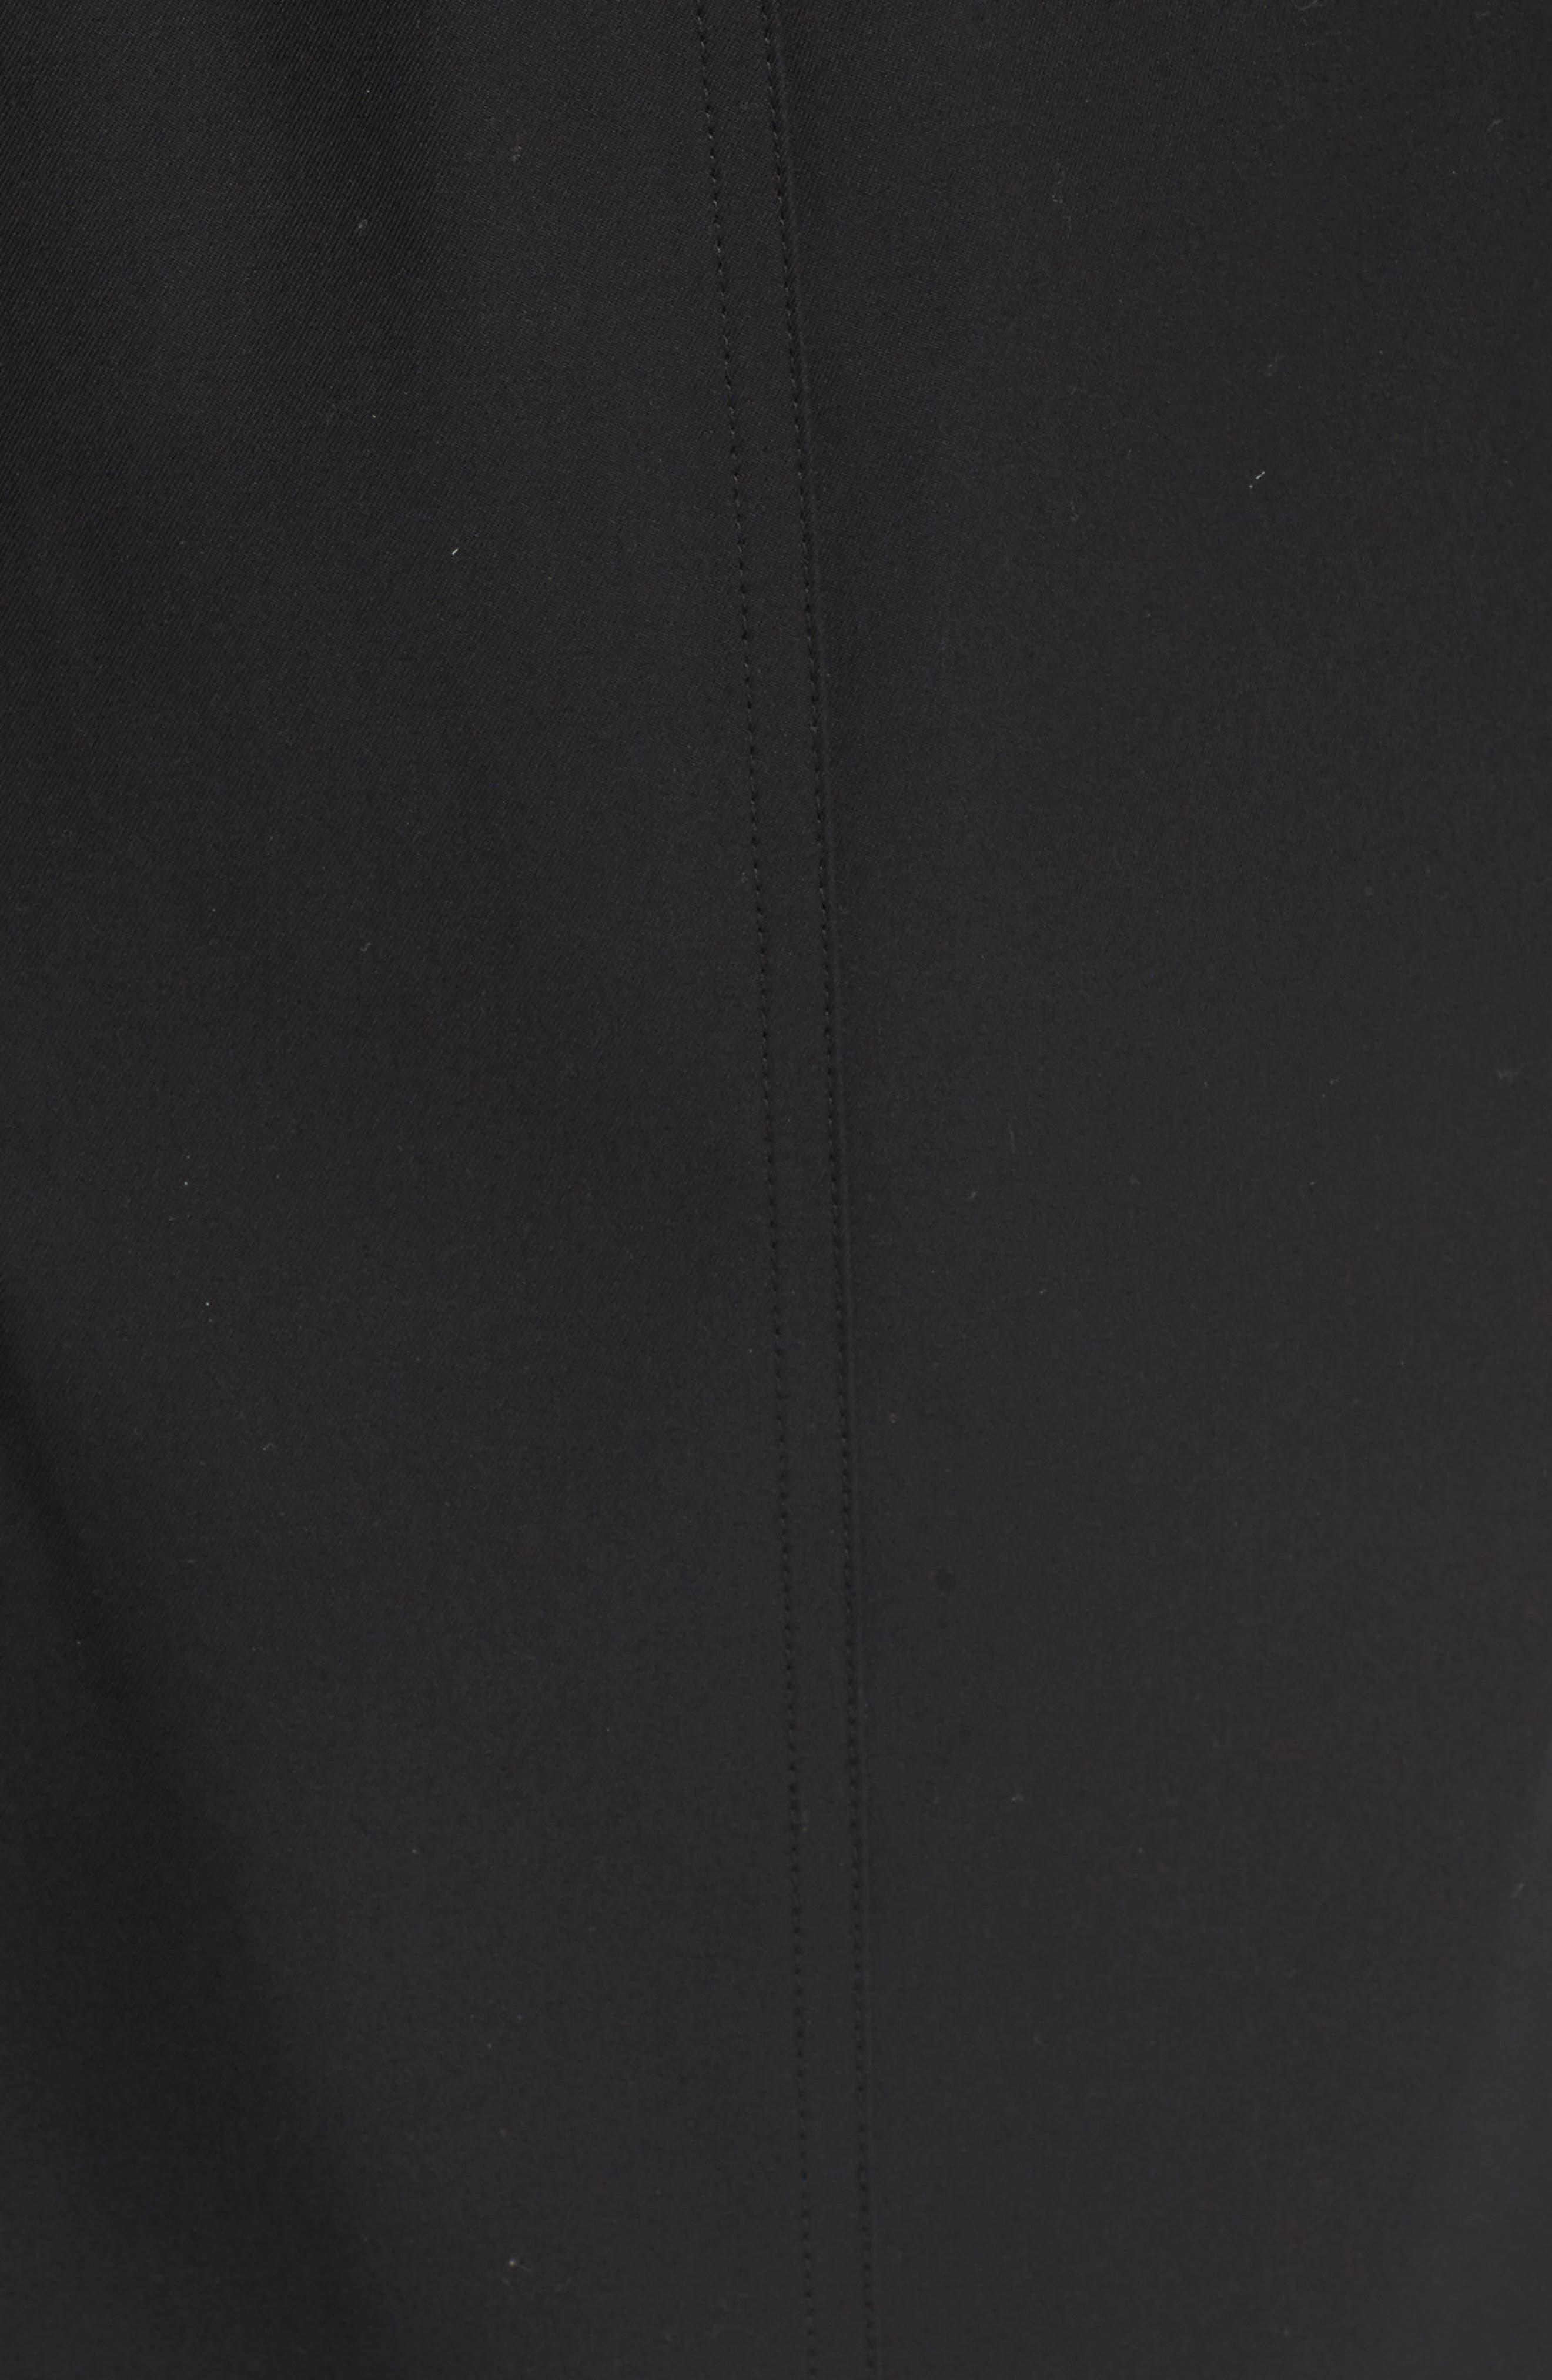 BURBERRY, Sandringham Long Slim Trench Coat, Alternate thumbnail 6, color, BLACK